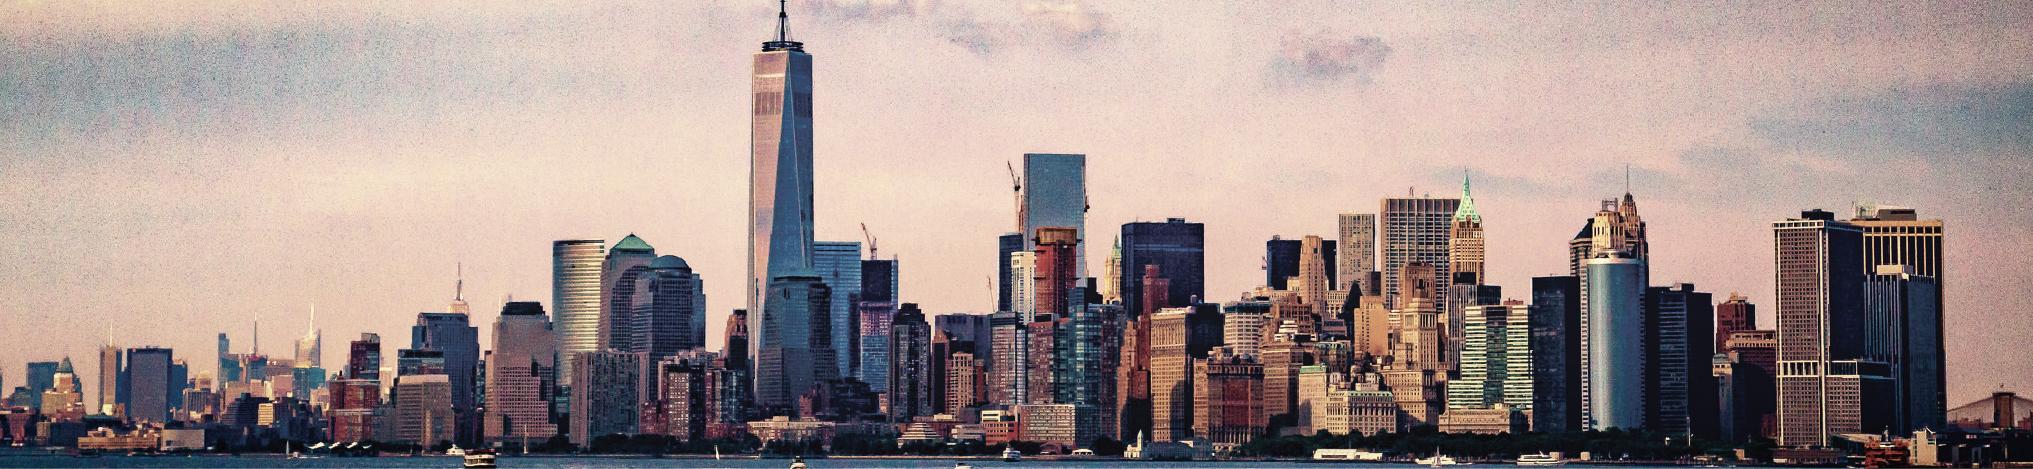 Skyline color banner-10.png